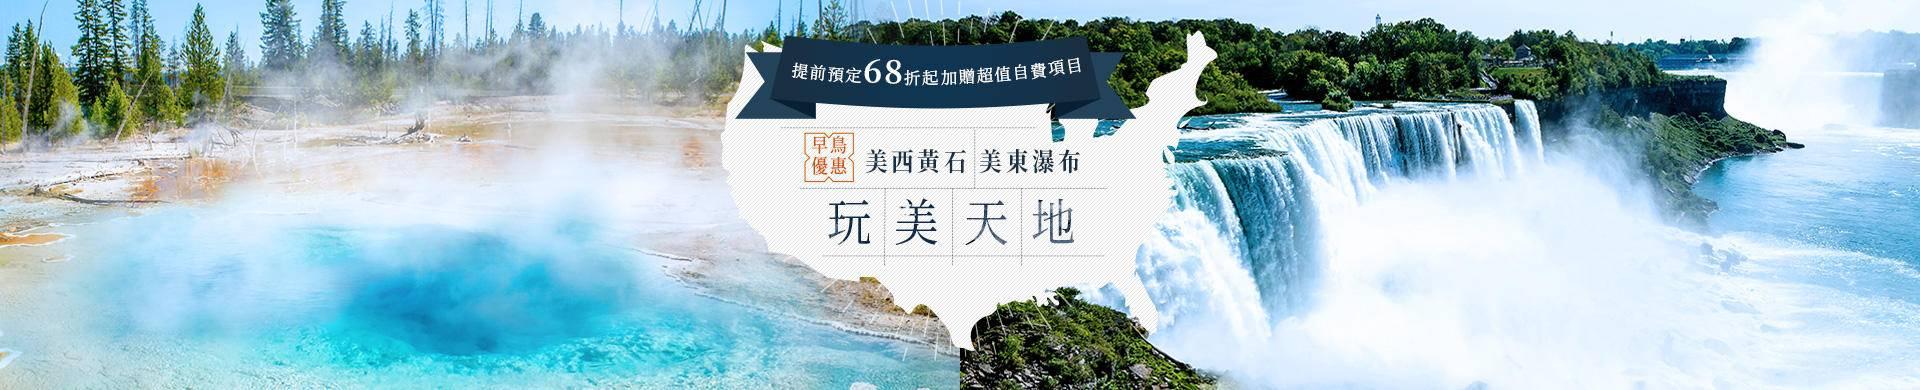 黄石+瀑布早鸟-bg